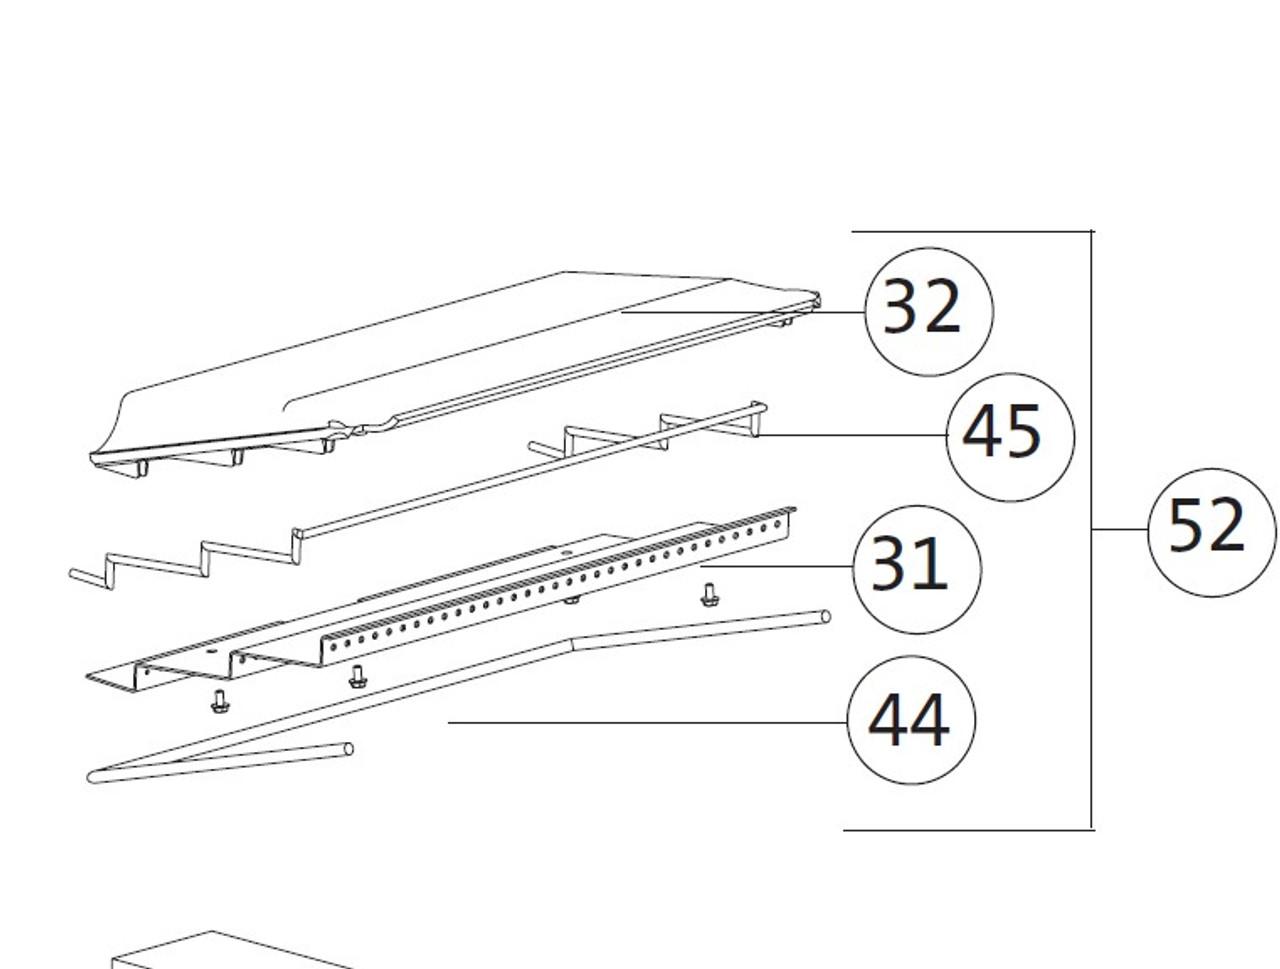 C450 Baffle Assembly 155309